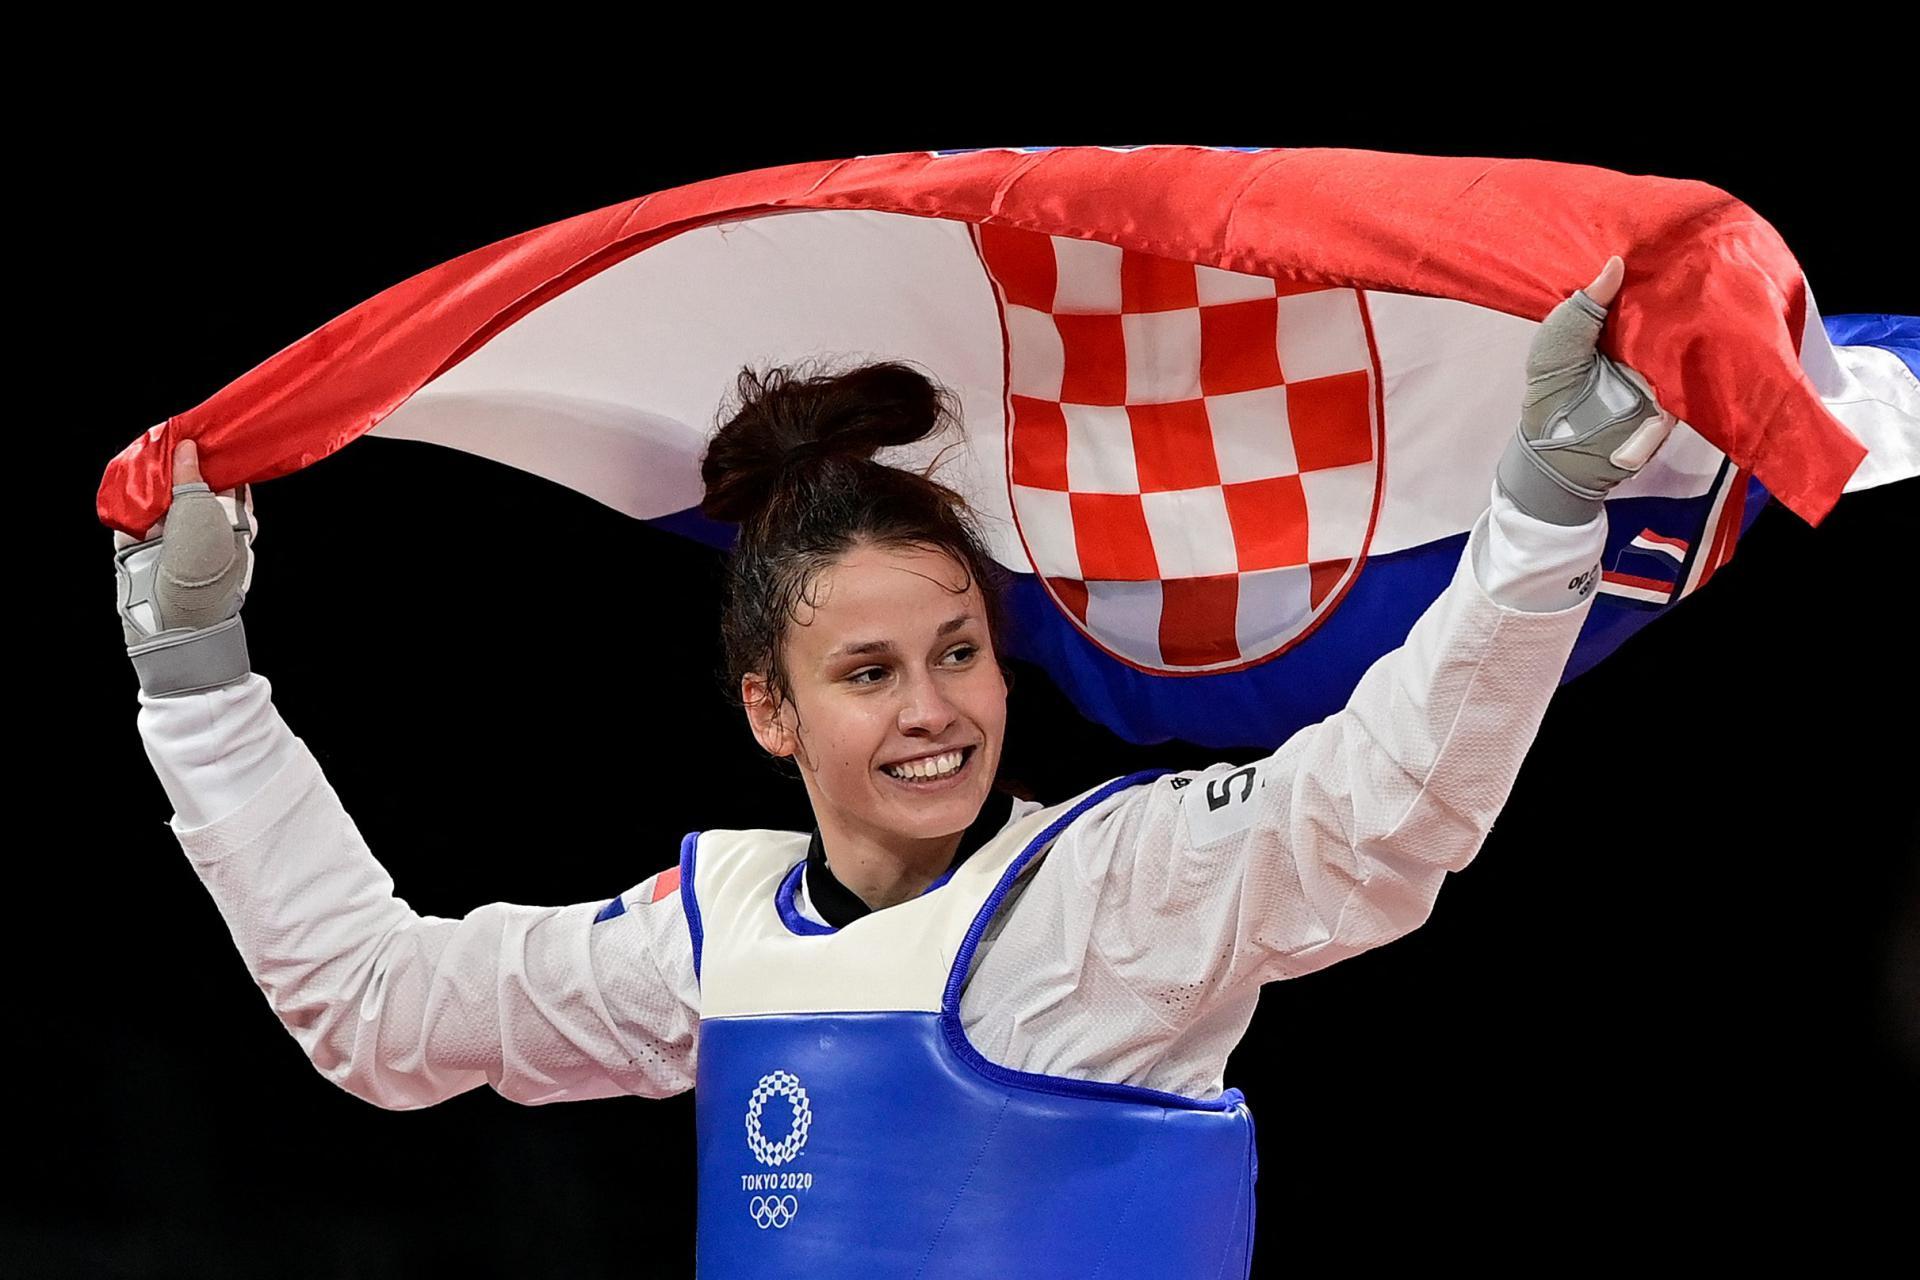 Zlatna olimpijka Matea Jelić objavila grozne uvrede koje je dobila: primitivcima je zasmetala rečenica koju su izvukli iz konteksta